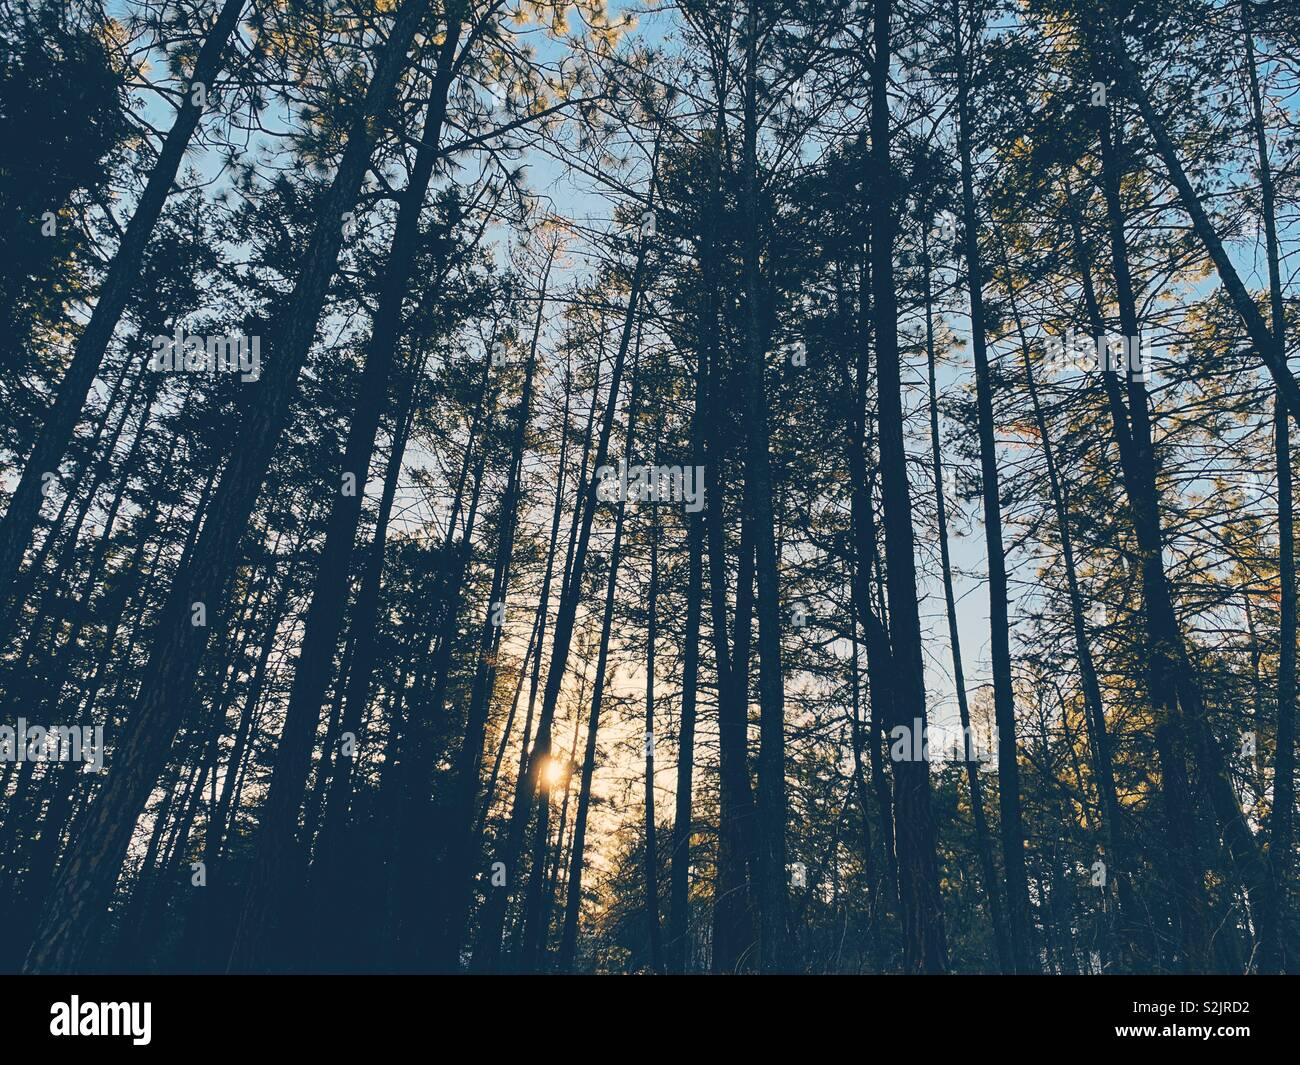 Sonnenuntergang durch die Bäume von einem immergrünen Wald. Stockbild